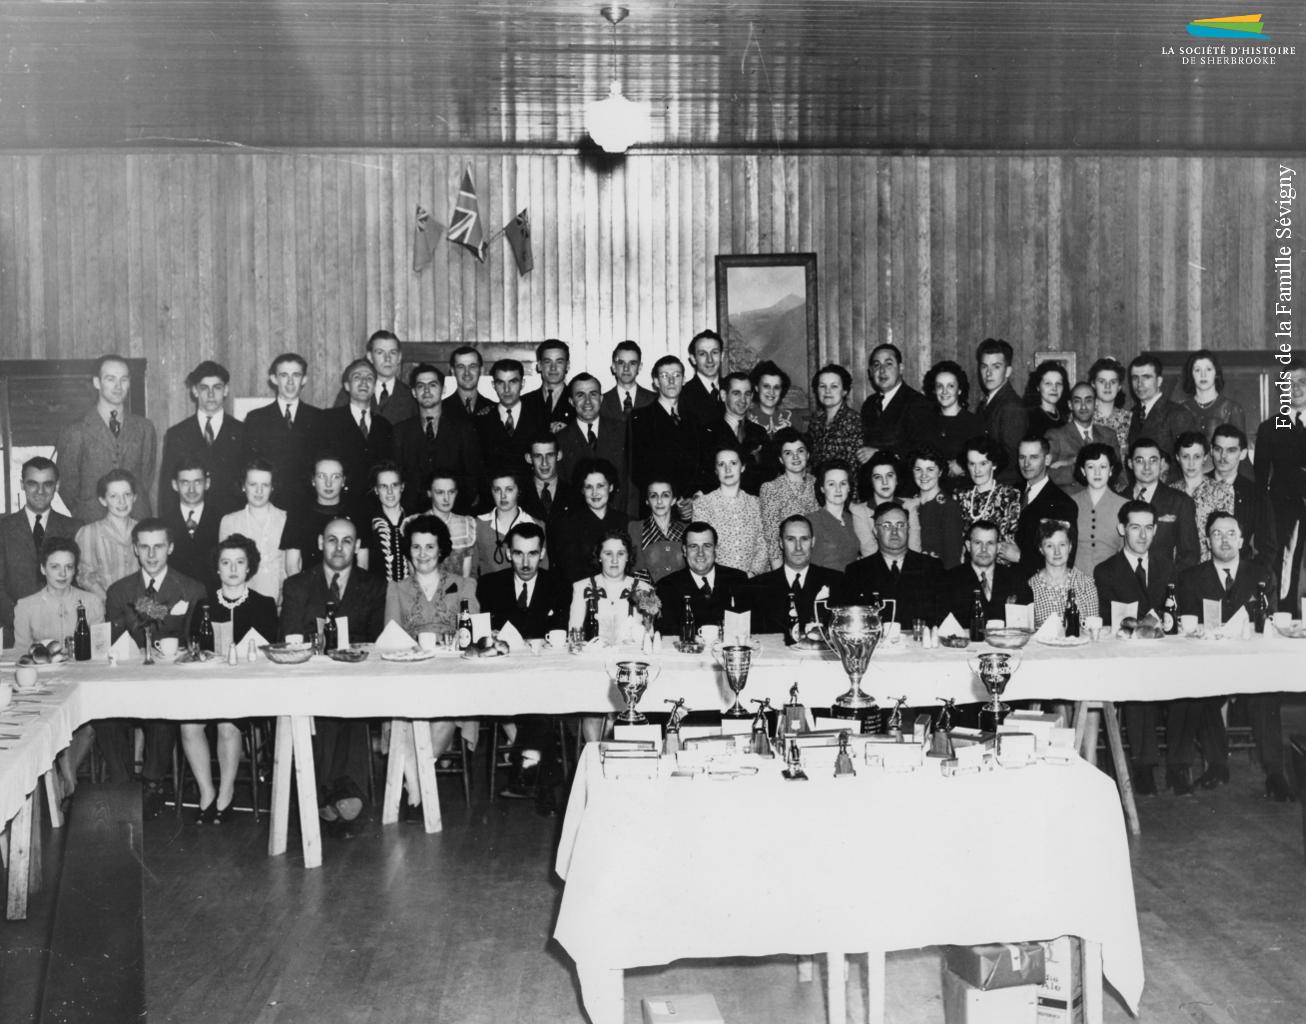 La ligue de quilles de l'usine Canadian Silk tient un banquet, en 1943, durant lequel sont remis des trophées aux équipes gagnantes.